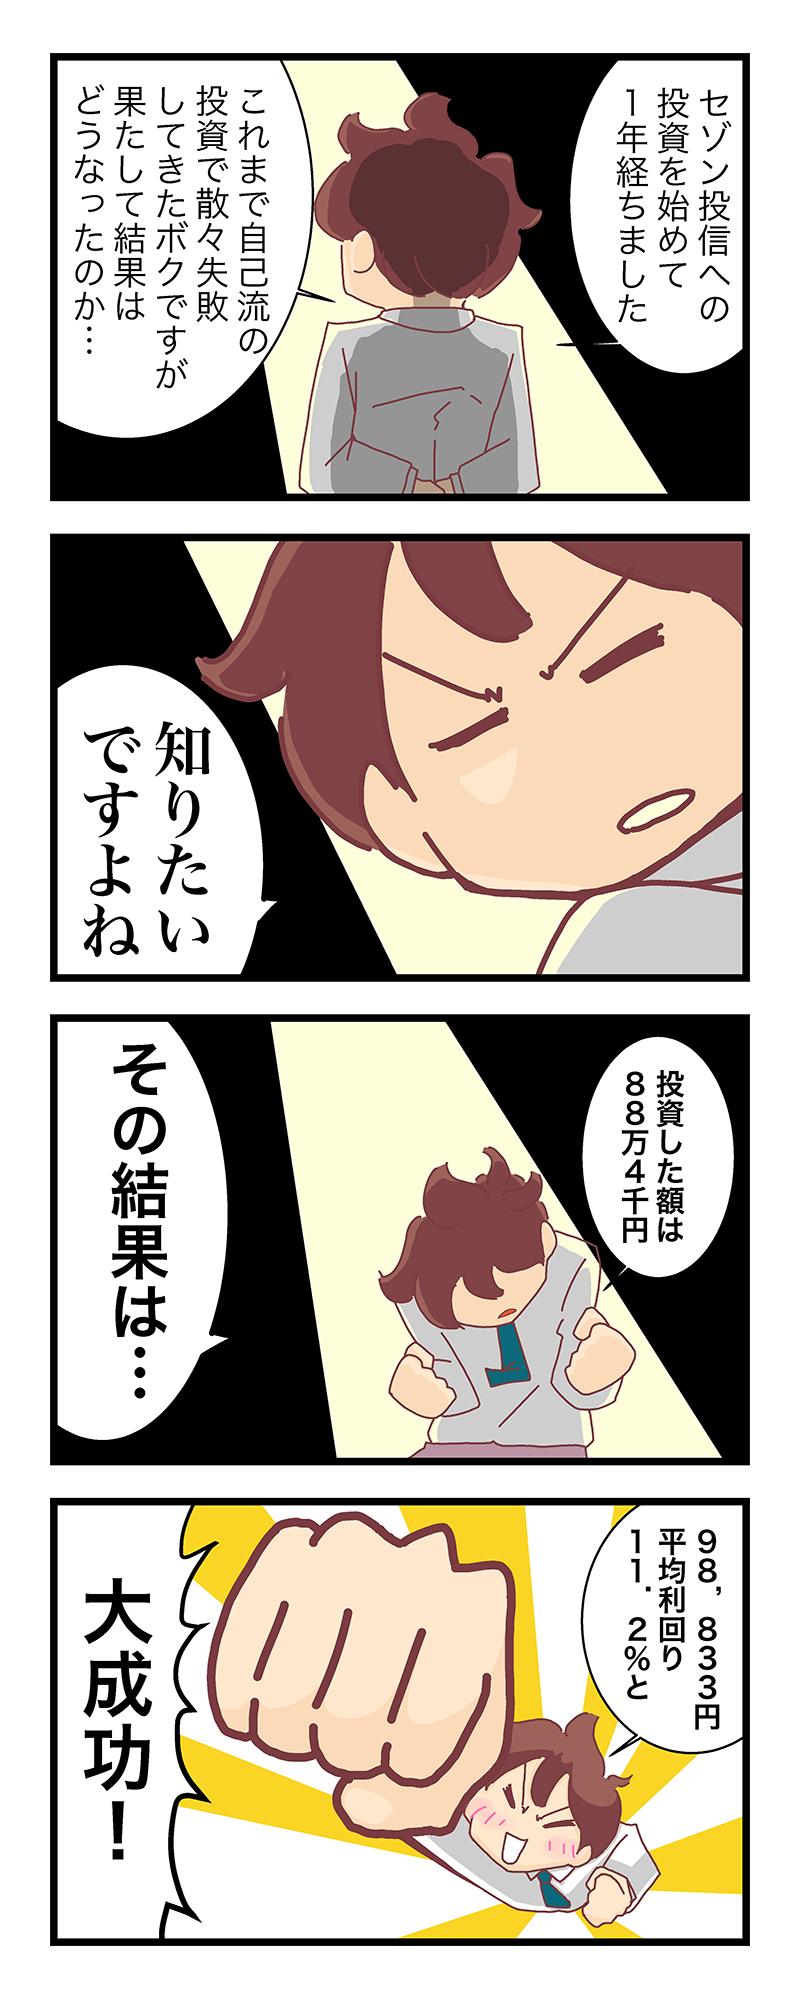 セゾン投信 漫画